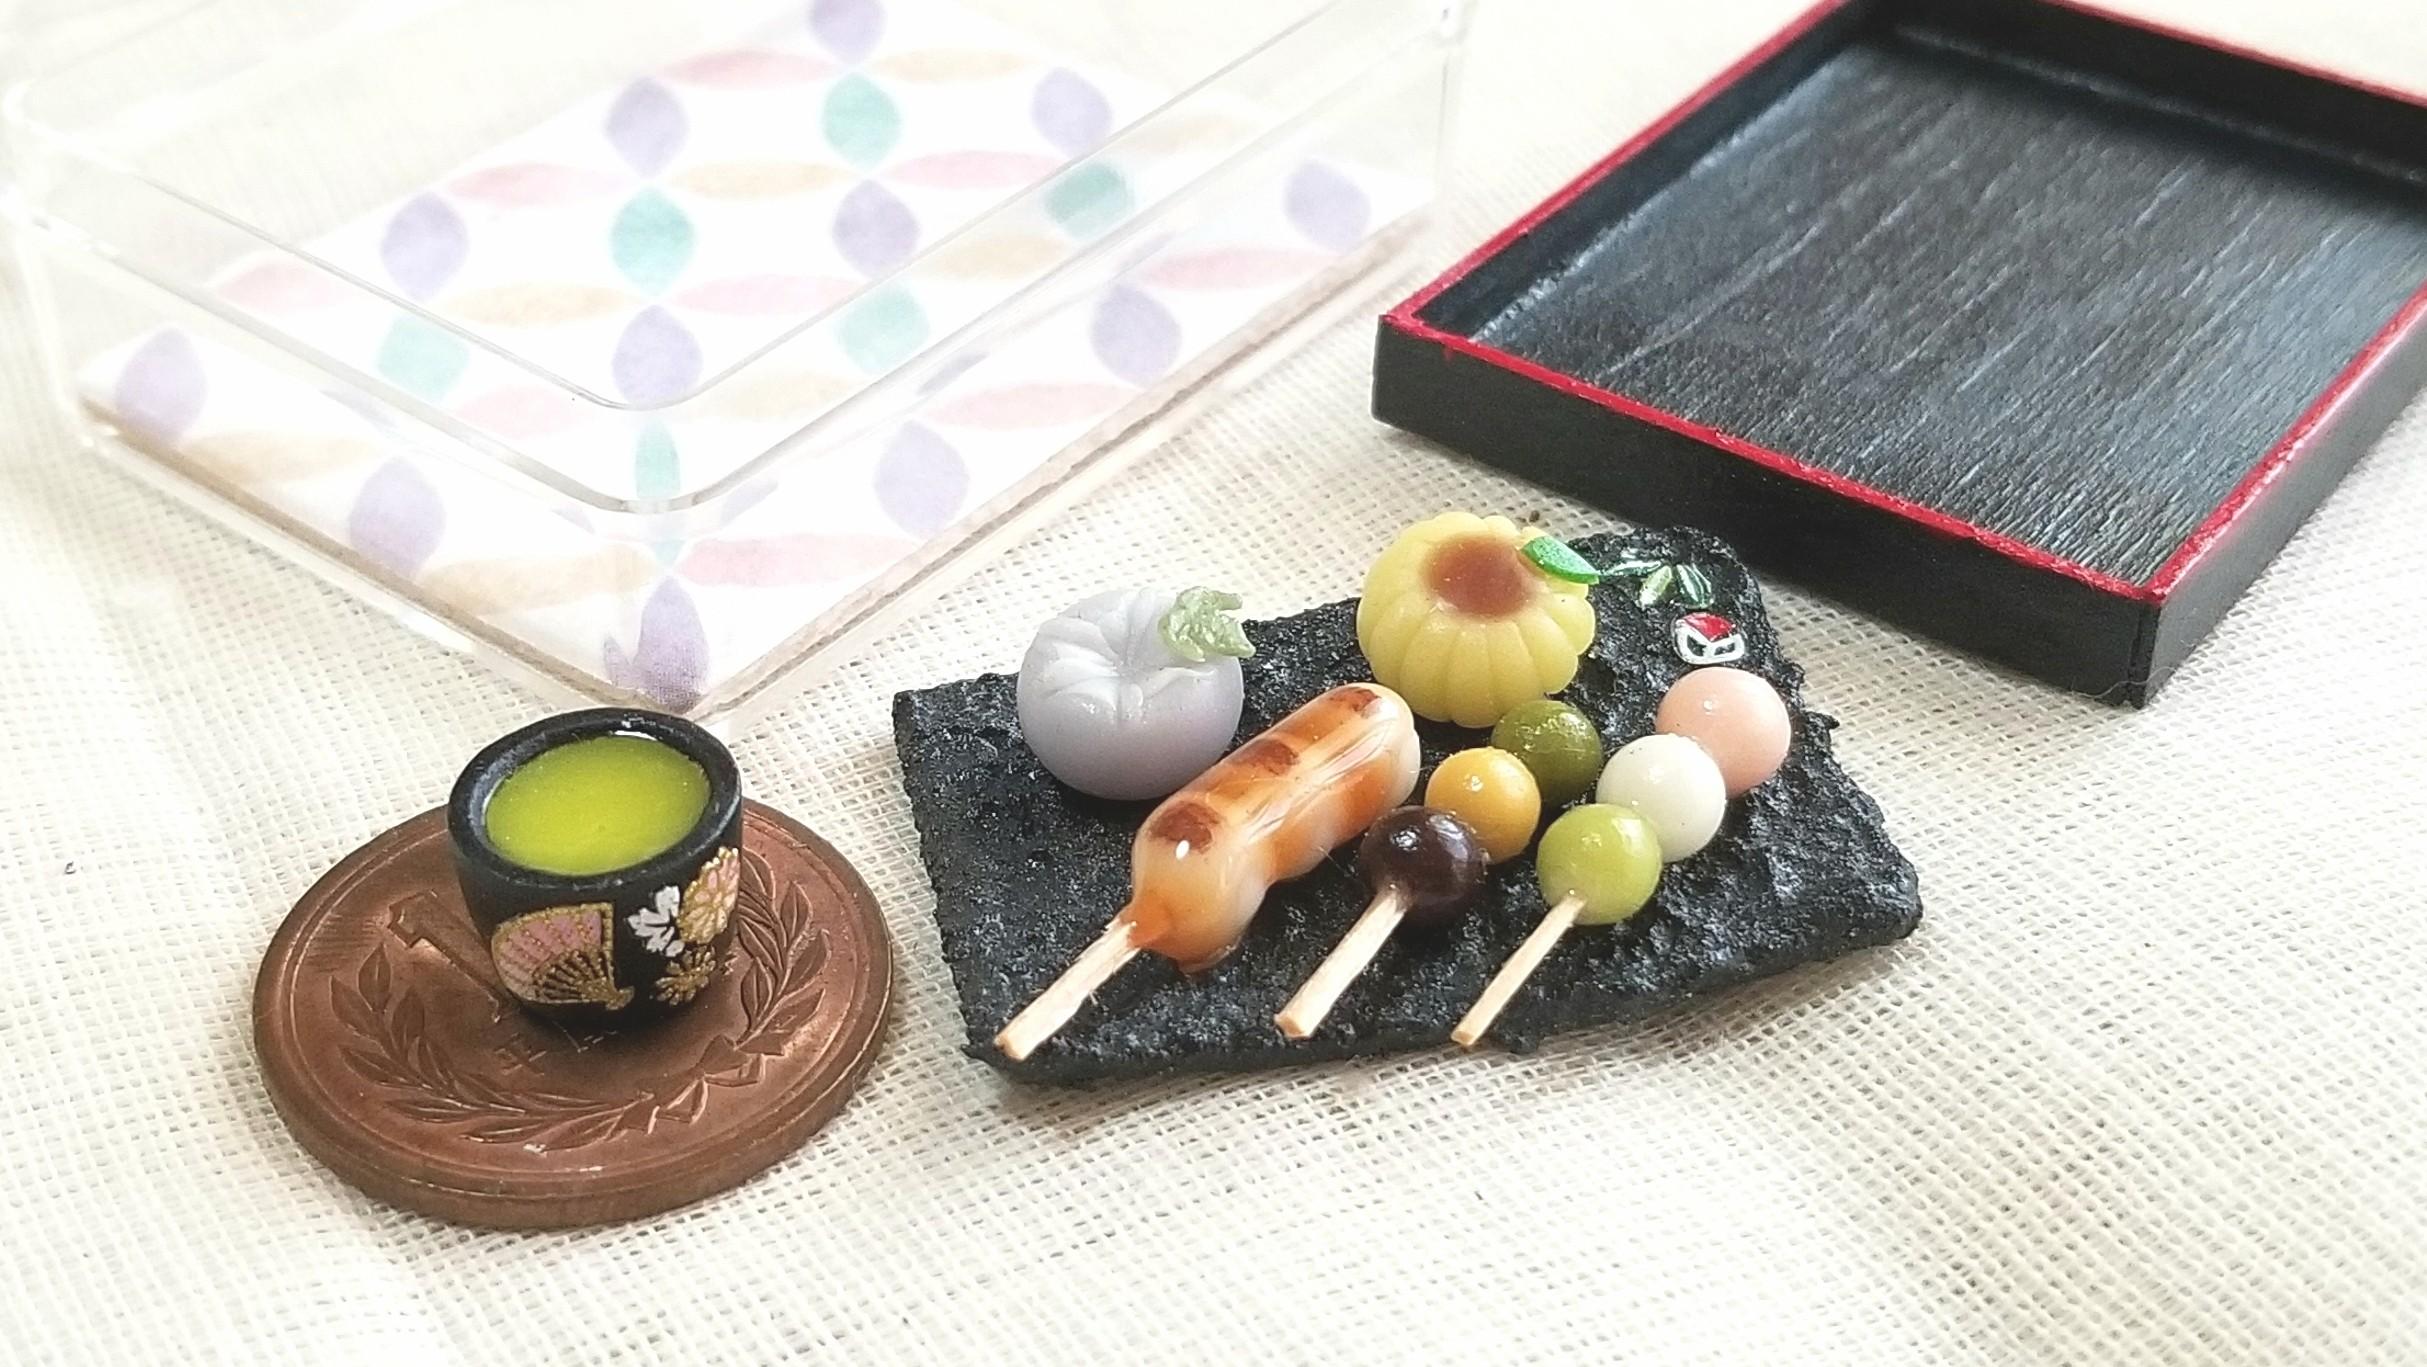 和菓子,三色みたらし団子,練りきり,綺麗,上品,小さい,美味しい,季節